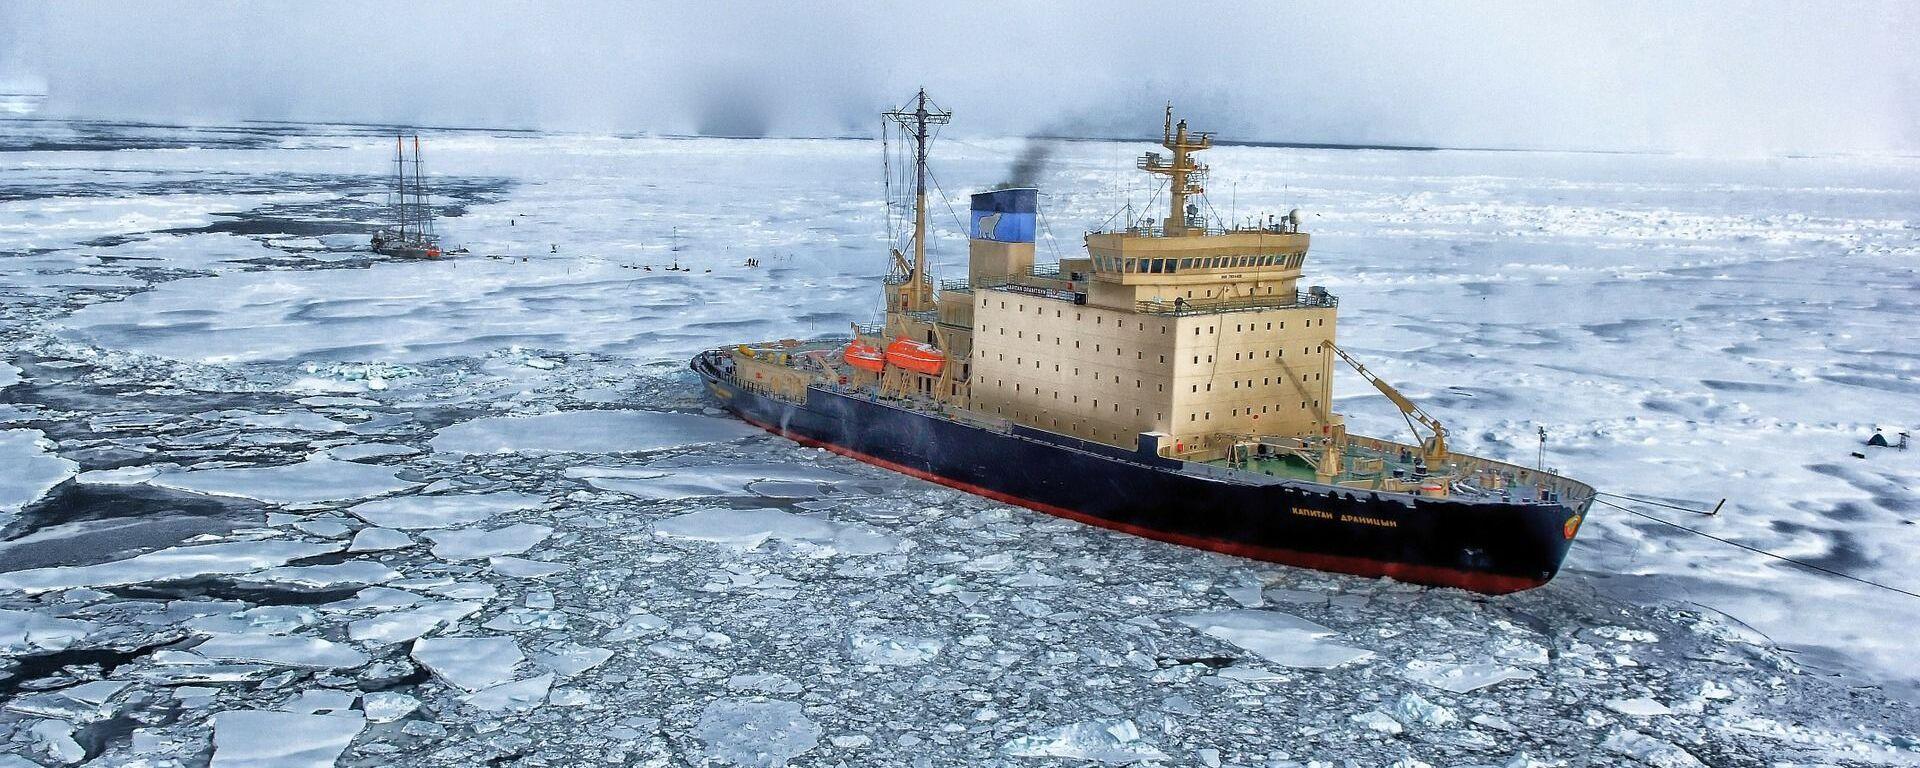 El Ártico (imagen referencial) - Sputnik Mundo, 1920, 03.02.2021